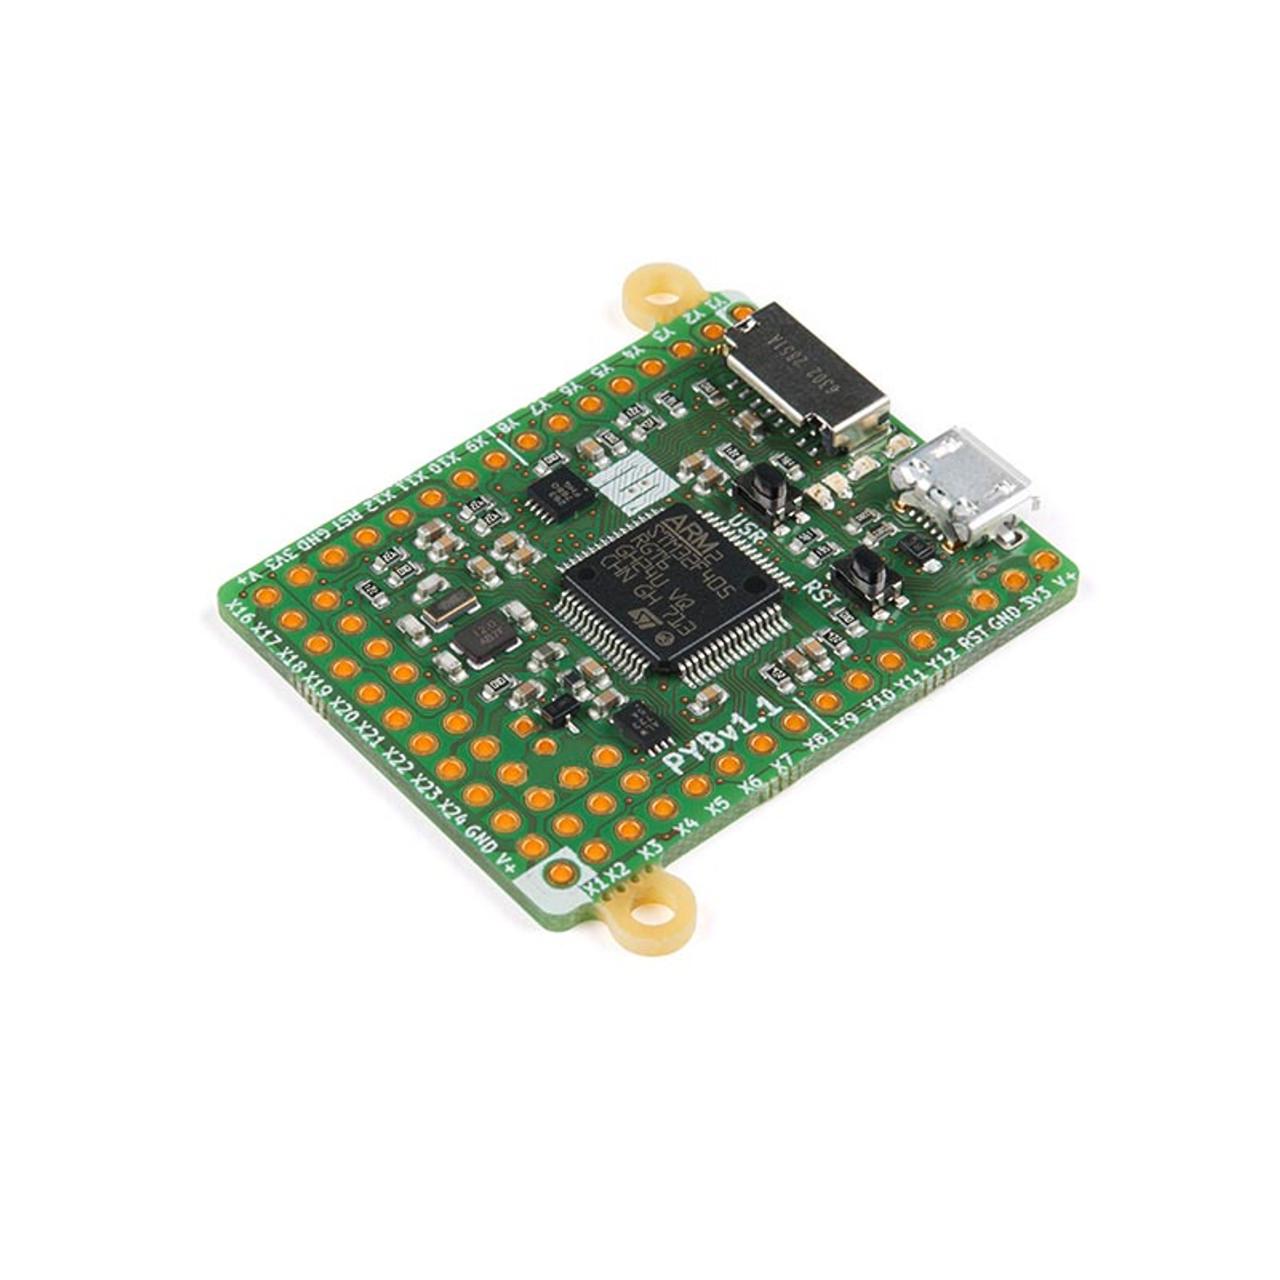 MicroPython pyboard v1 1 STM32F4 ARM Cortex-M4 MCU 32-Bit Embedded  Evaluation Board